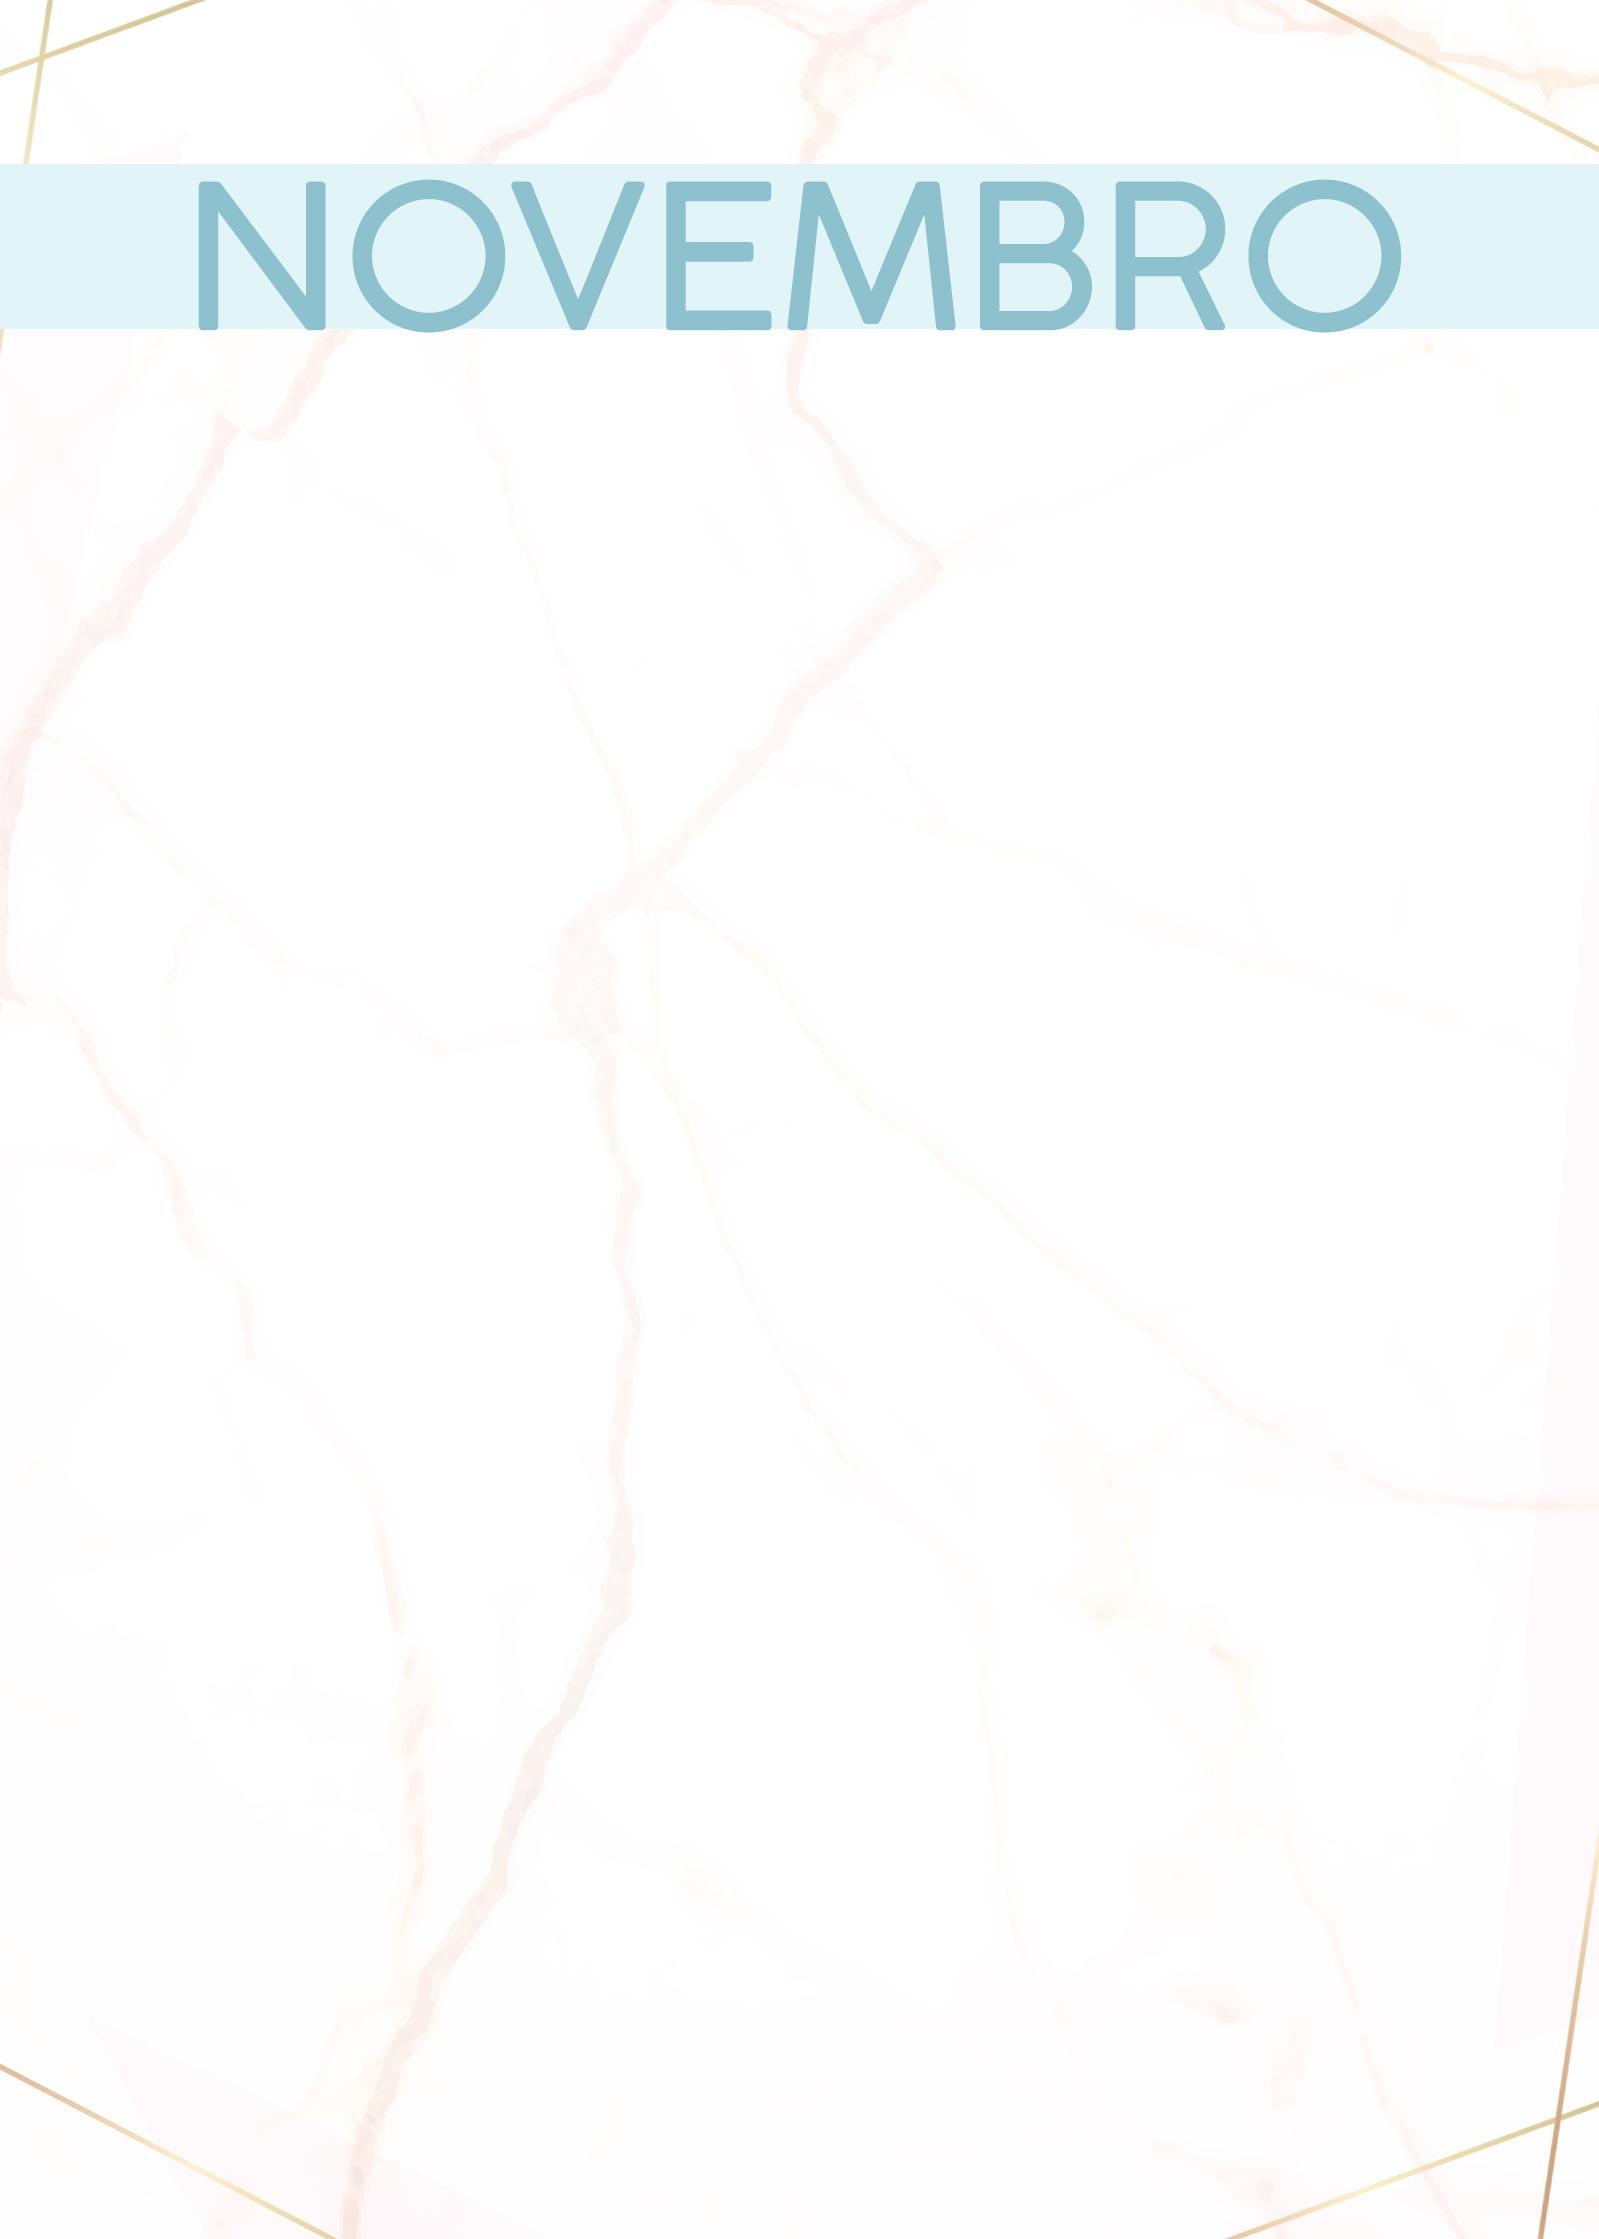 Planner Marmore capa novembro